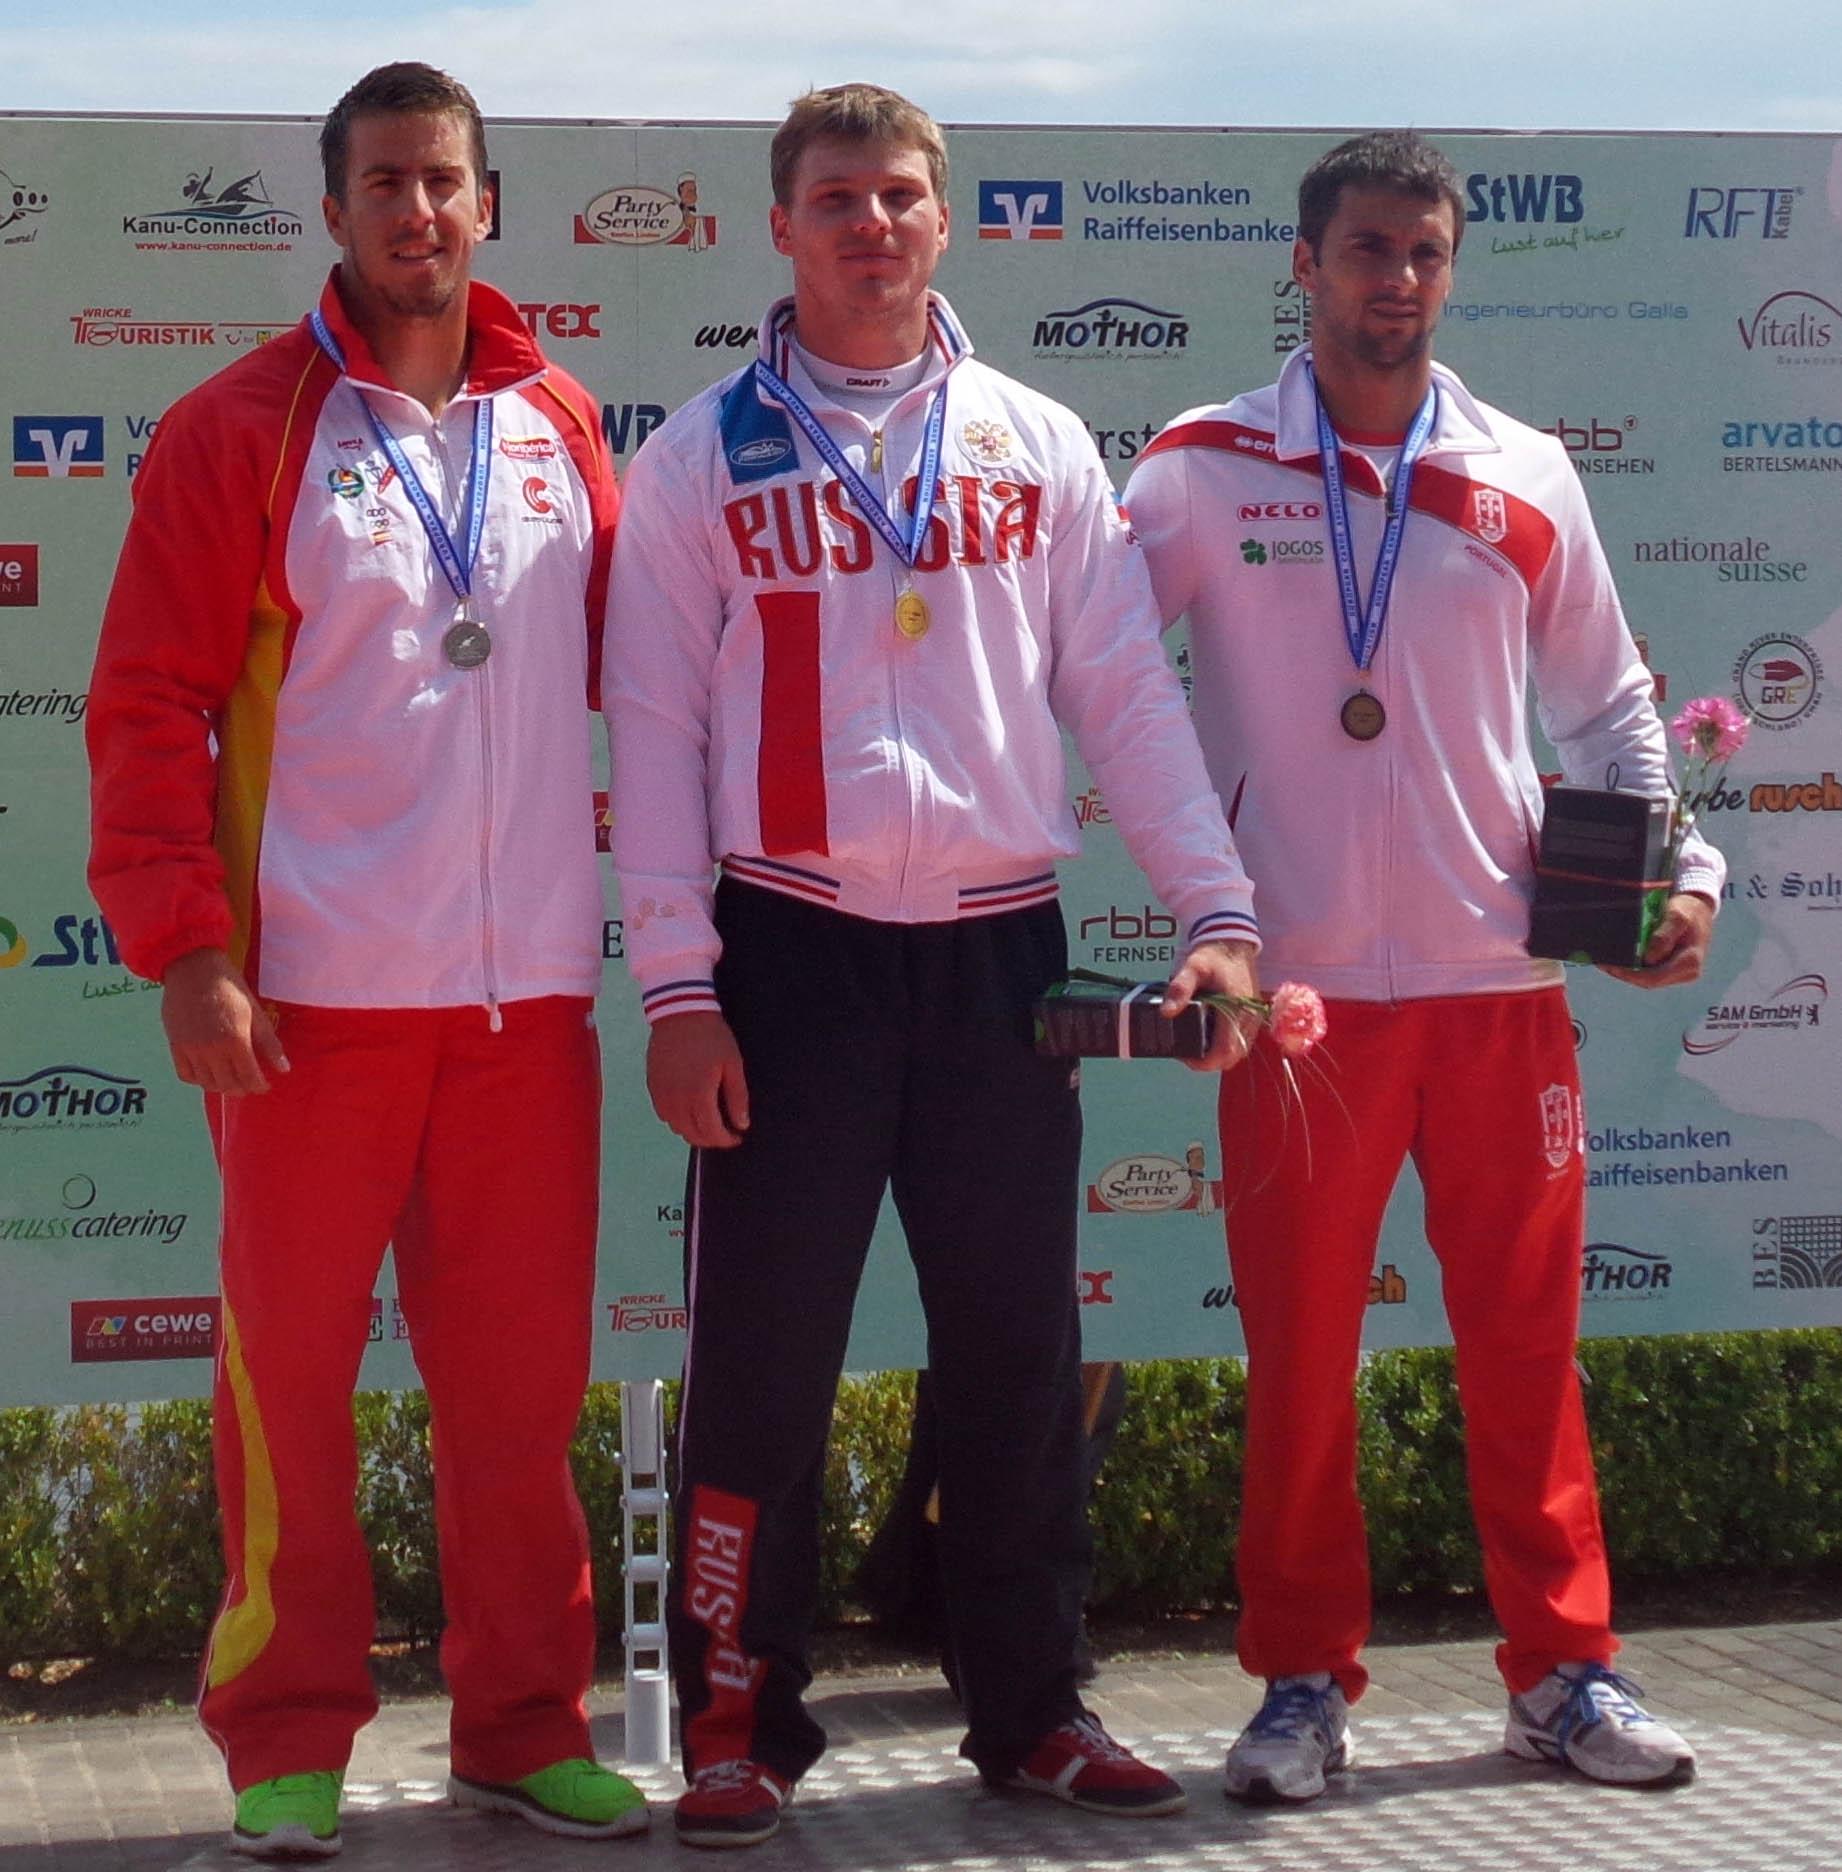 El podio ha sido completado por el ruso Alexey Korovashkov (oro) y por el portugués Helder Silva (bronce). Fuente: RFEP